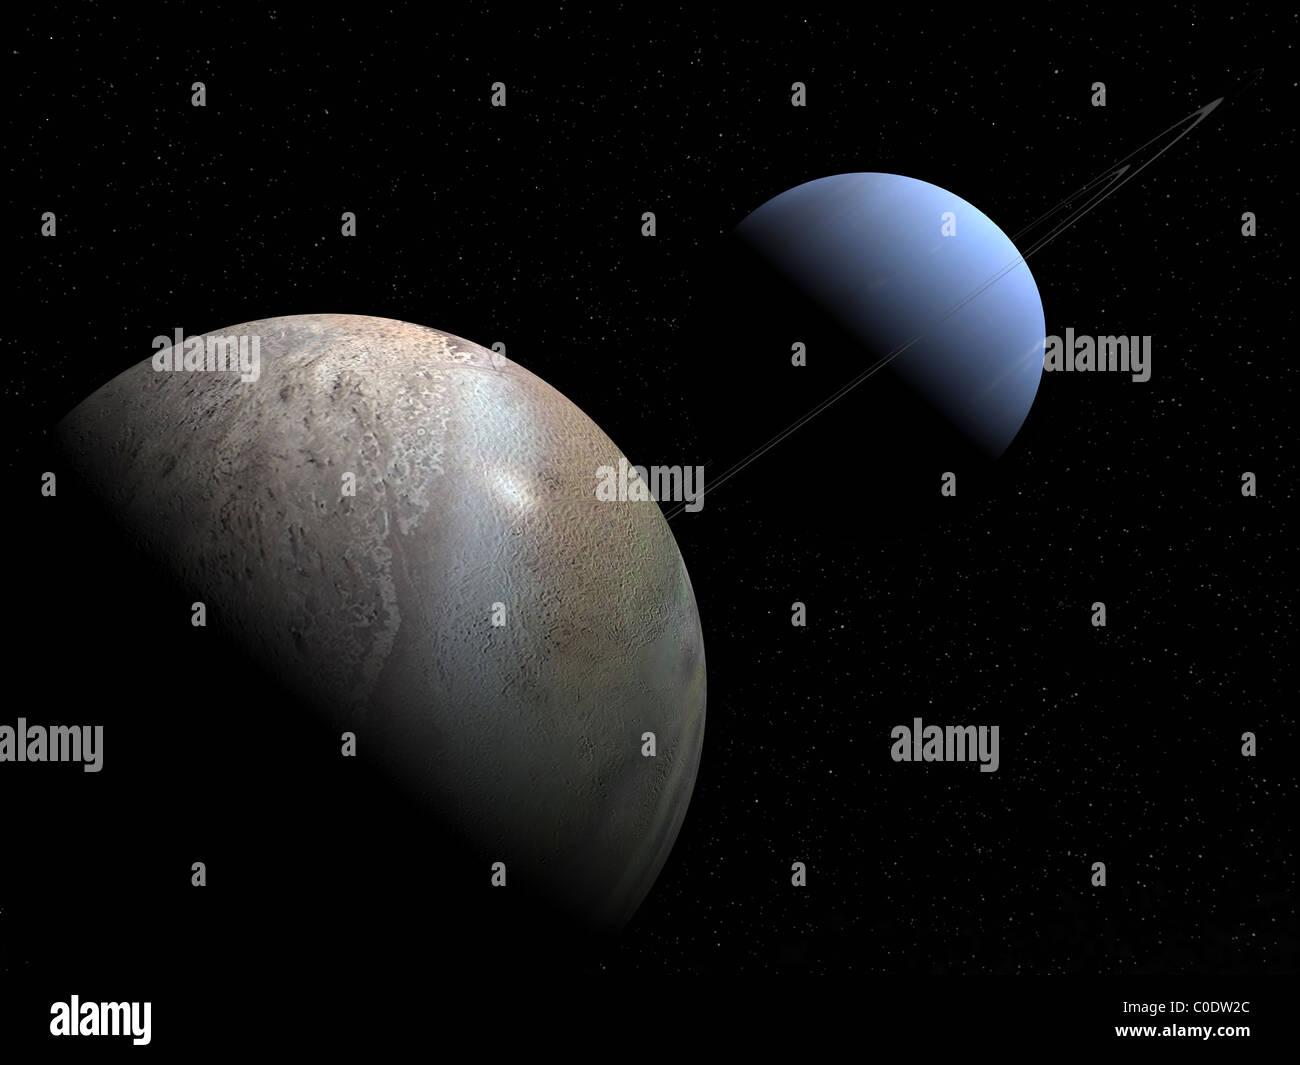 gas giants moons - photo #15